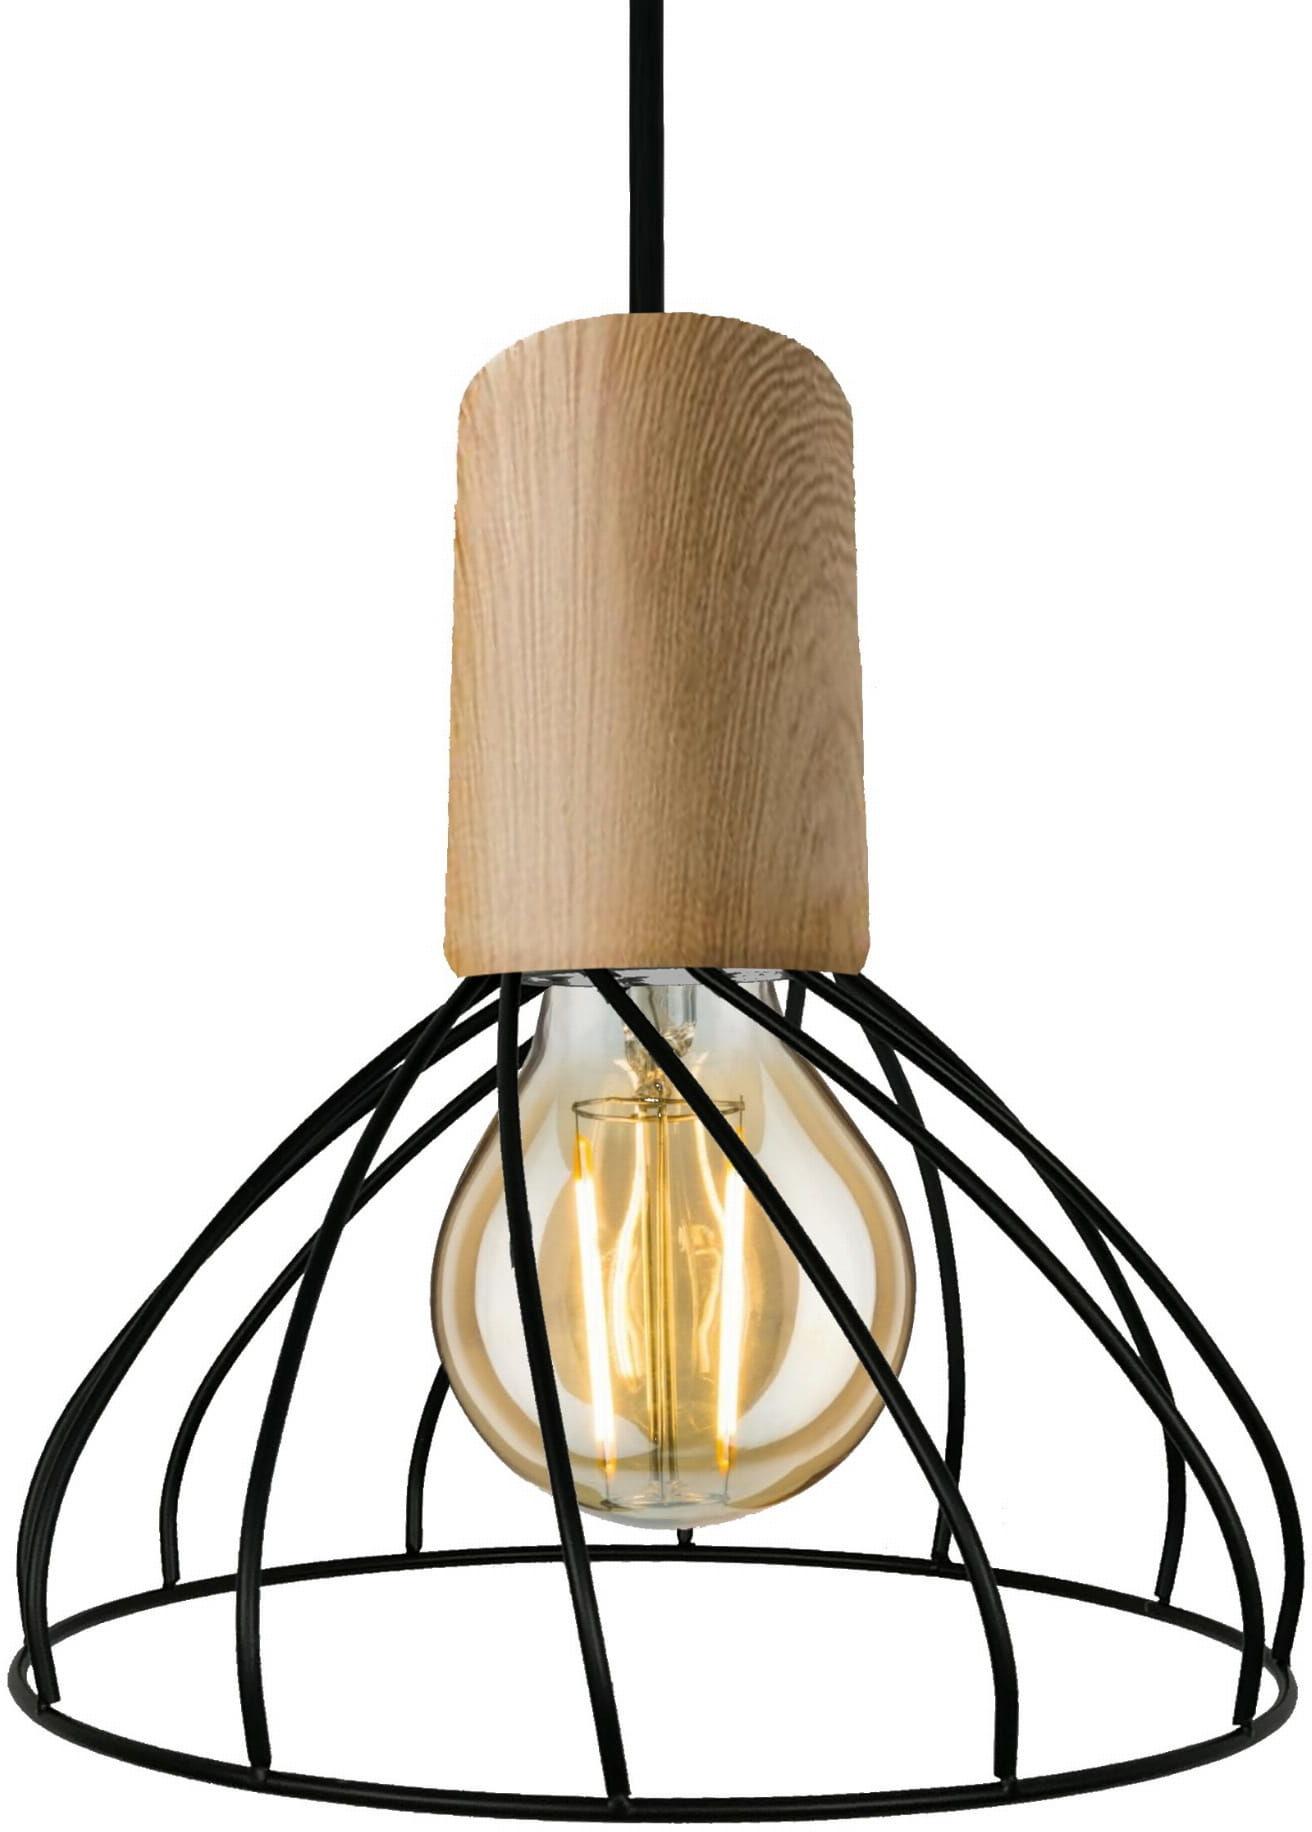 Light Prestige Moderno E27 LP-1221/1P S E27 BK lampa wisząca koszyk metalowy czarny 1x60W E27 19,5cm